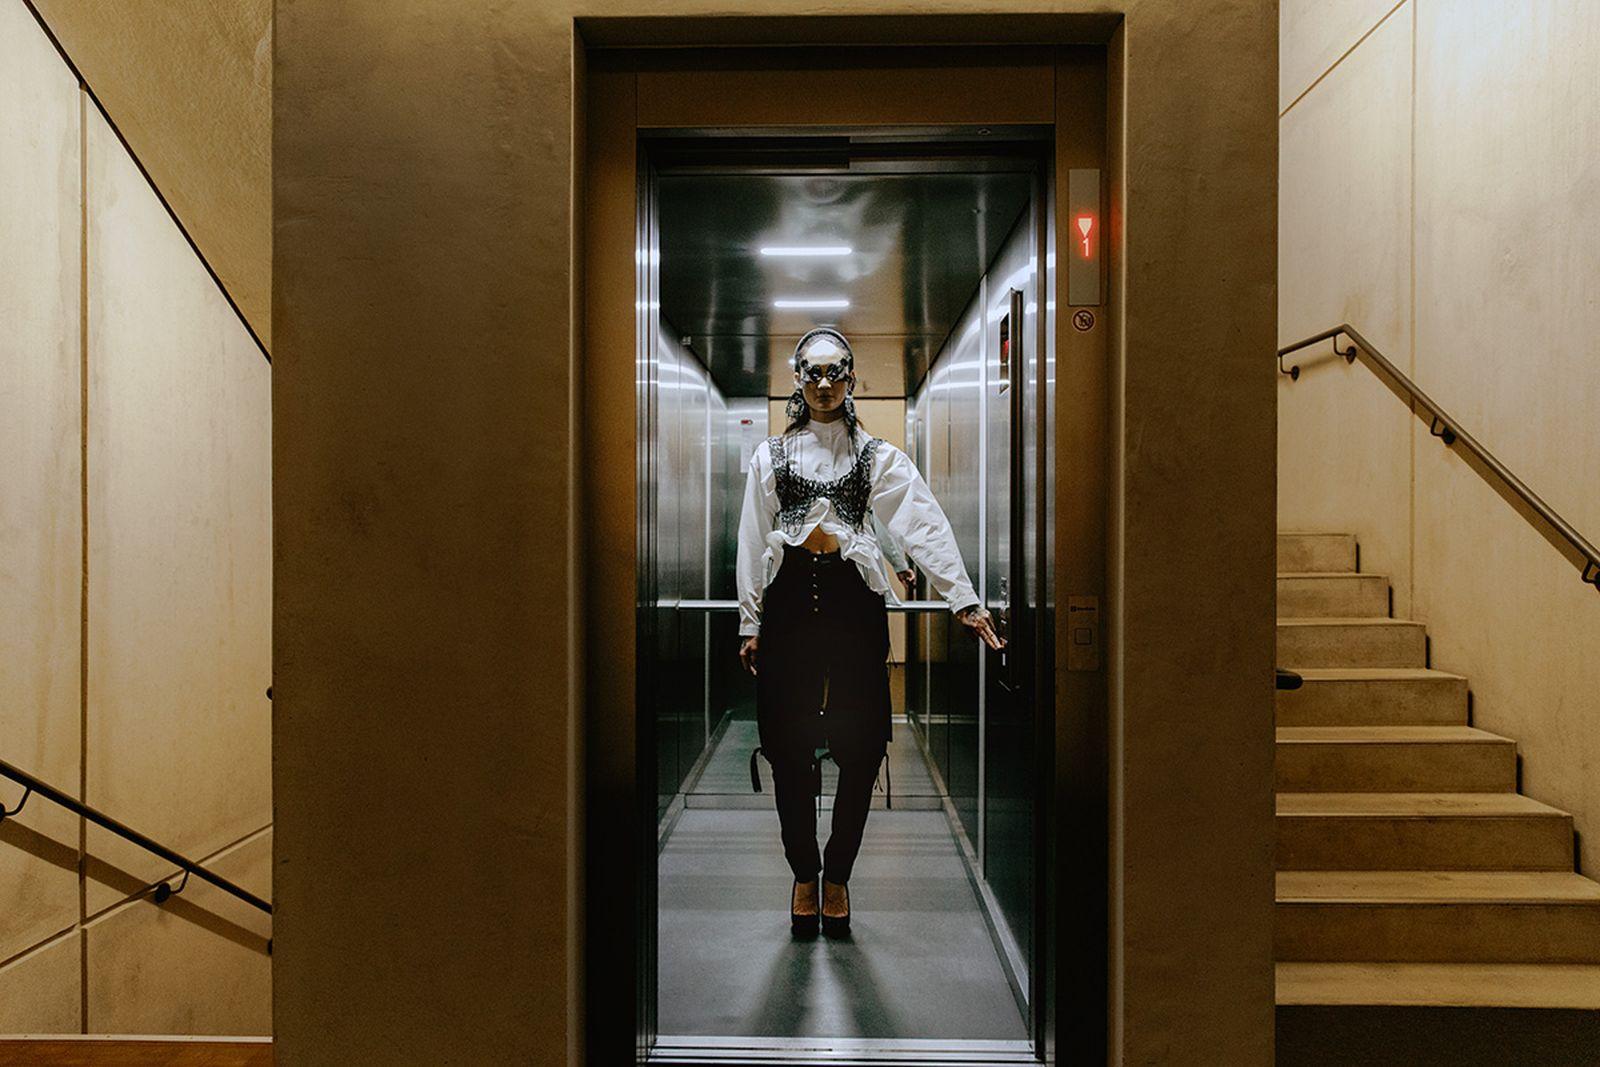 Cap: Hungry, Shirt: Catalogue Of Disguise, Skirt & Heels: Alexandru Plesco